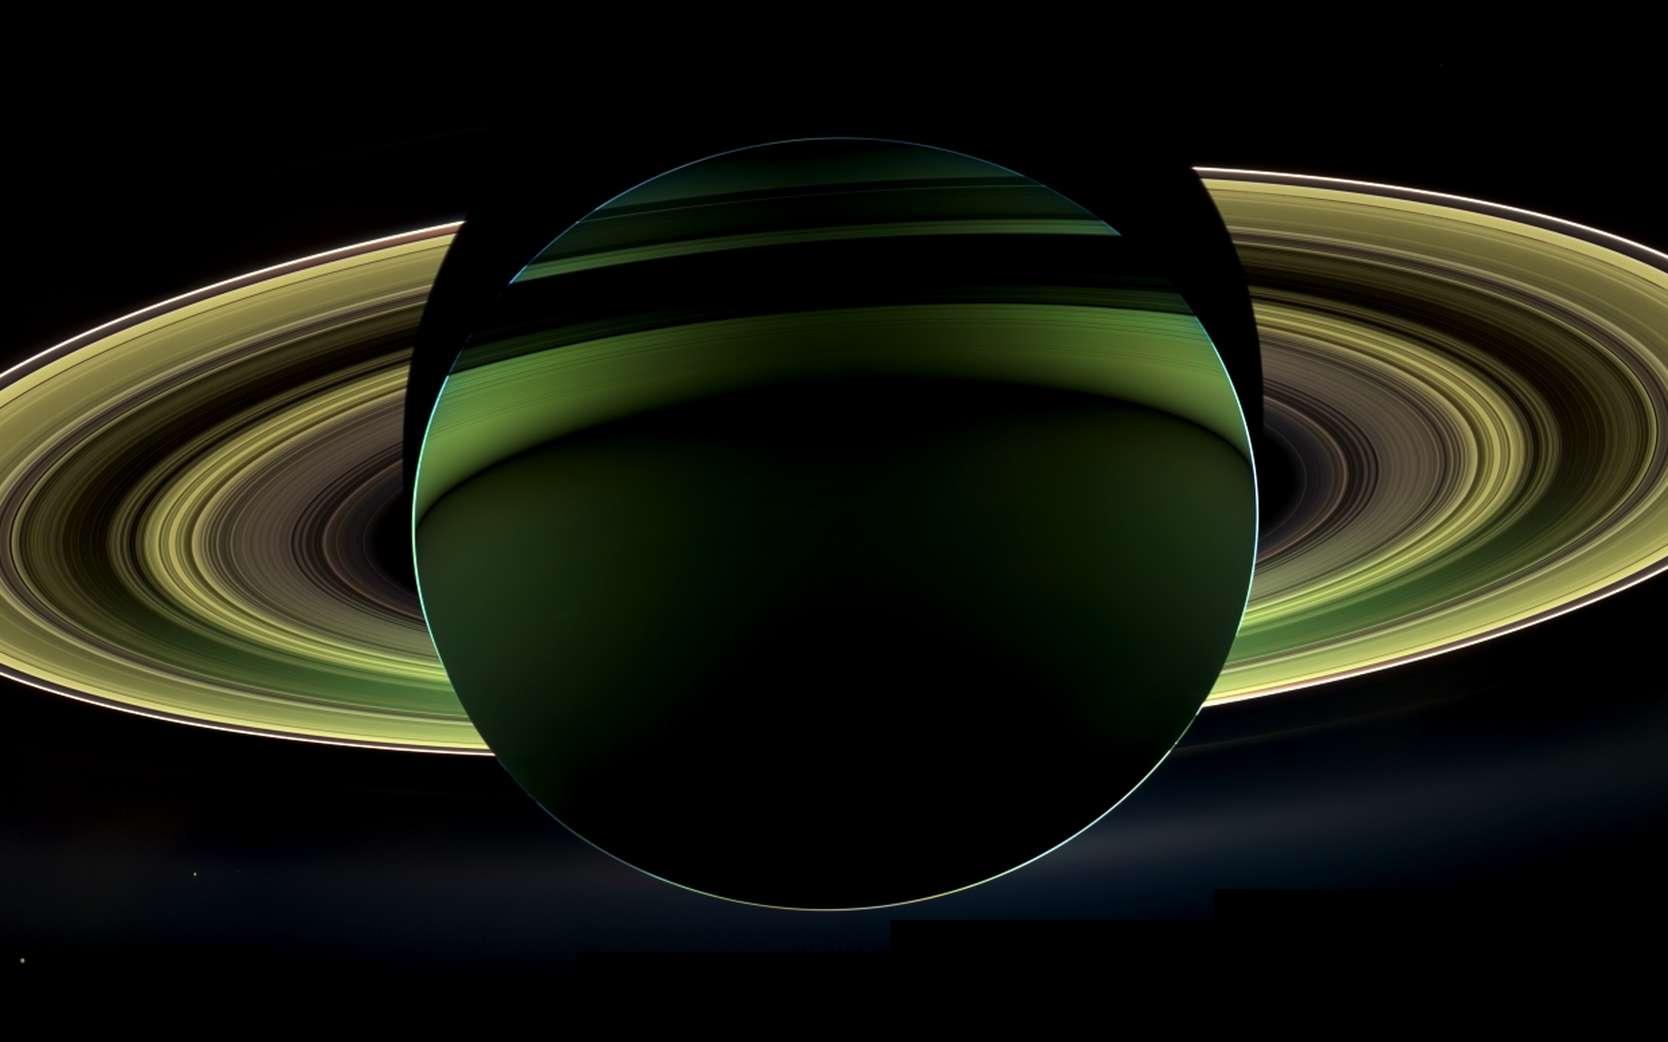 Saturne photographiée à contre-jour le 17 octobre 2012 par la sonde spatiale Cassini. Cette dernière vient de fêter ses 15 ans dans l'espace. © Nasa, JPL, Caltech, SSI